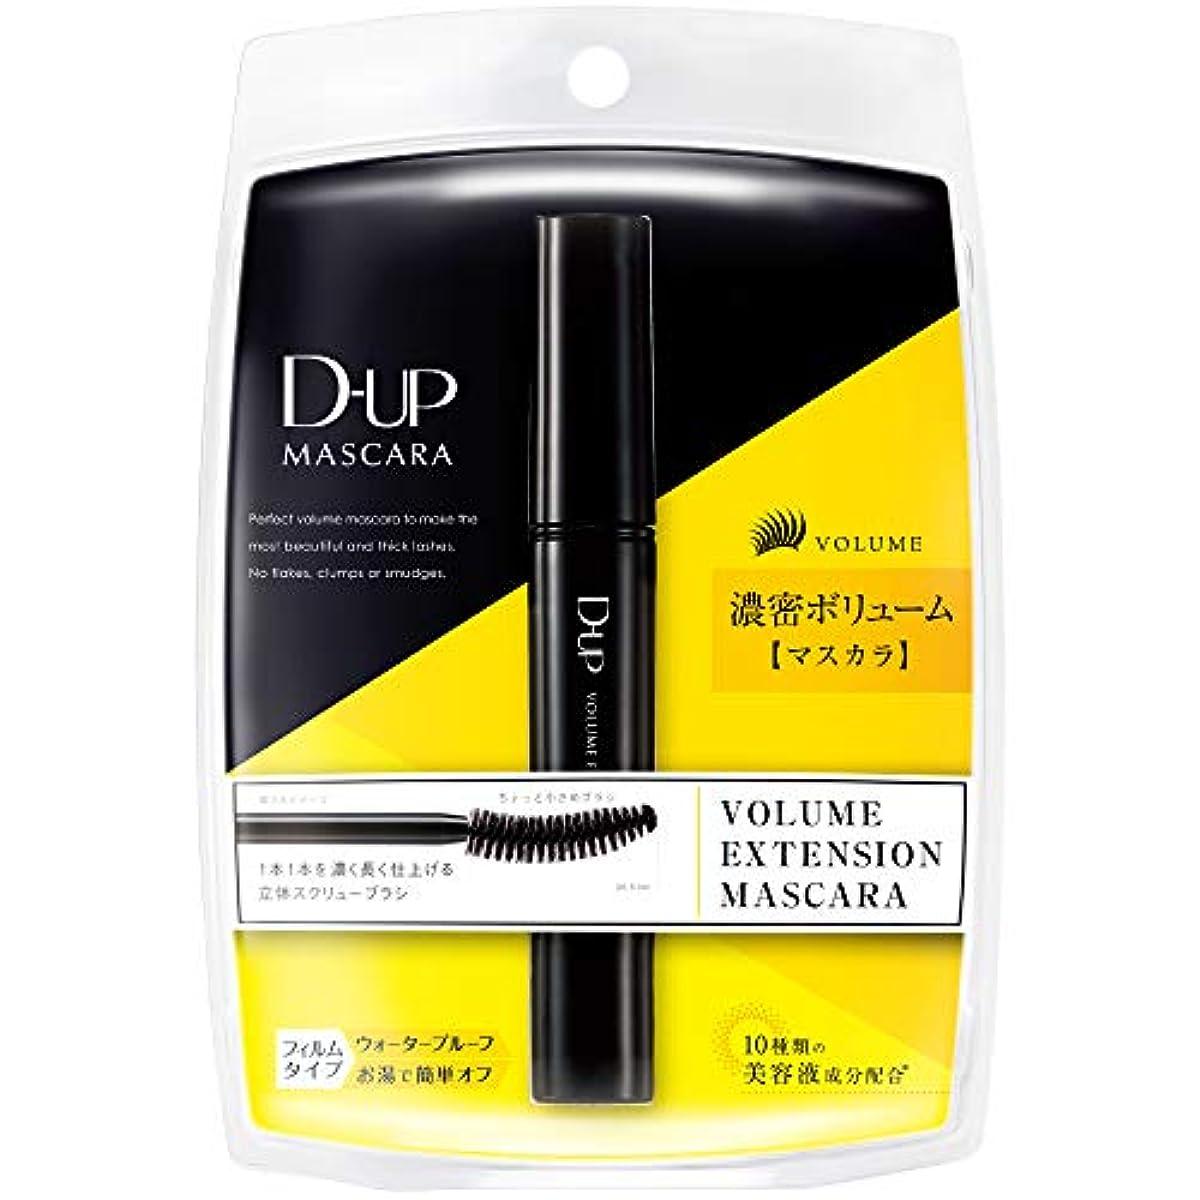 [해외] D-UP 디업 볼륨 마스카라